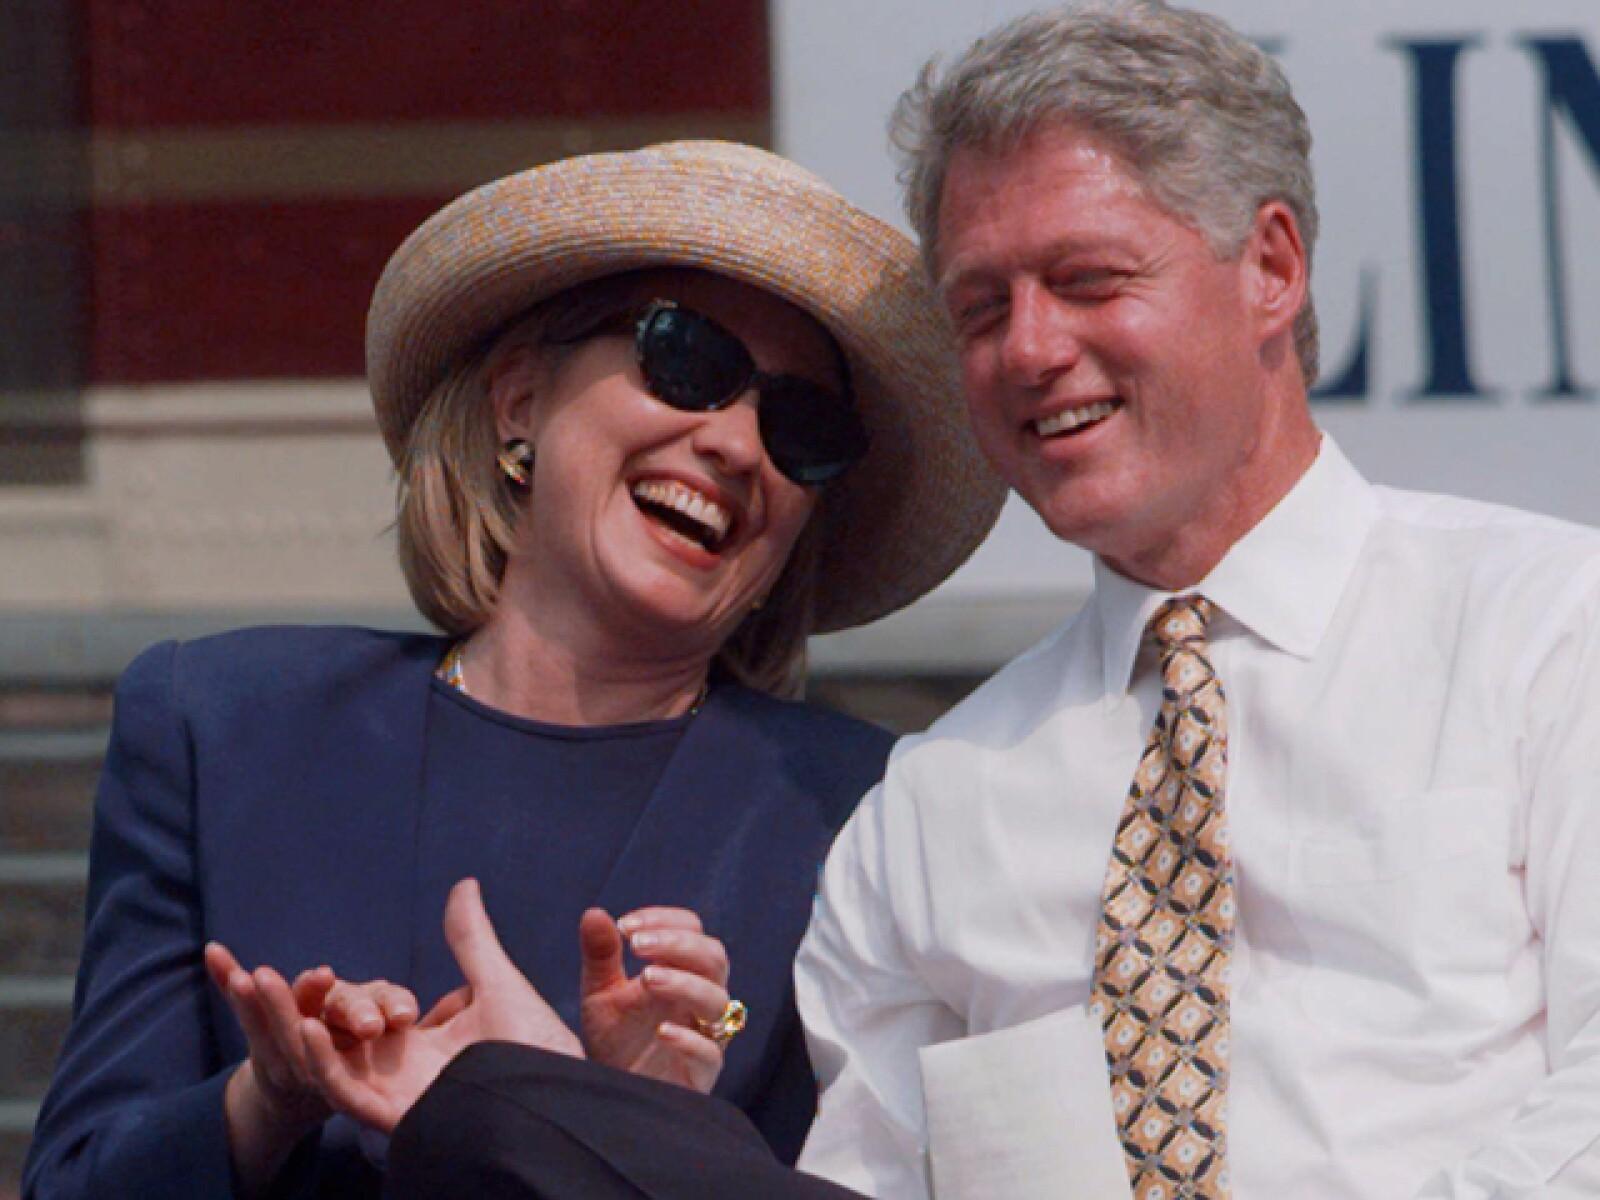 Podrán no ser monedita de oro, pero lo que es indudable es que Hillary y Bill Clinton han mantenido su poderío desde que estuvieran en la Casa Blanca. Tanto así que Hillary solita, obtiene el segundo puesto entre las mujeres con más poder.